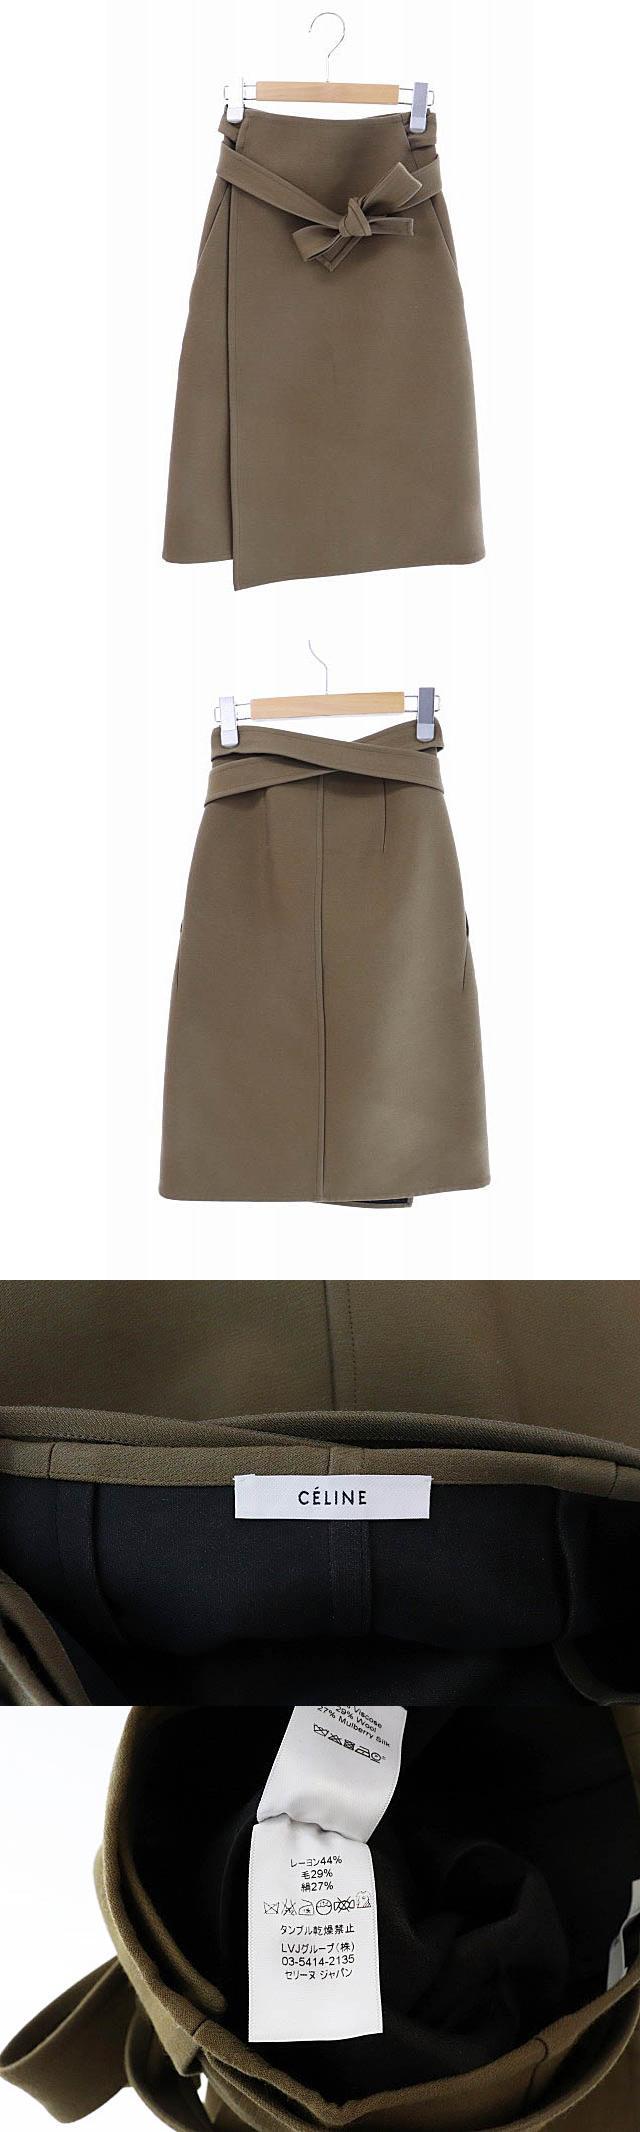 テクニカル ラップ スカート 巻きスカート 34 茶 キャメル ブランド古着ベクトル 中古●200111 0070